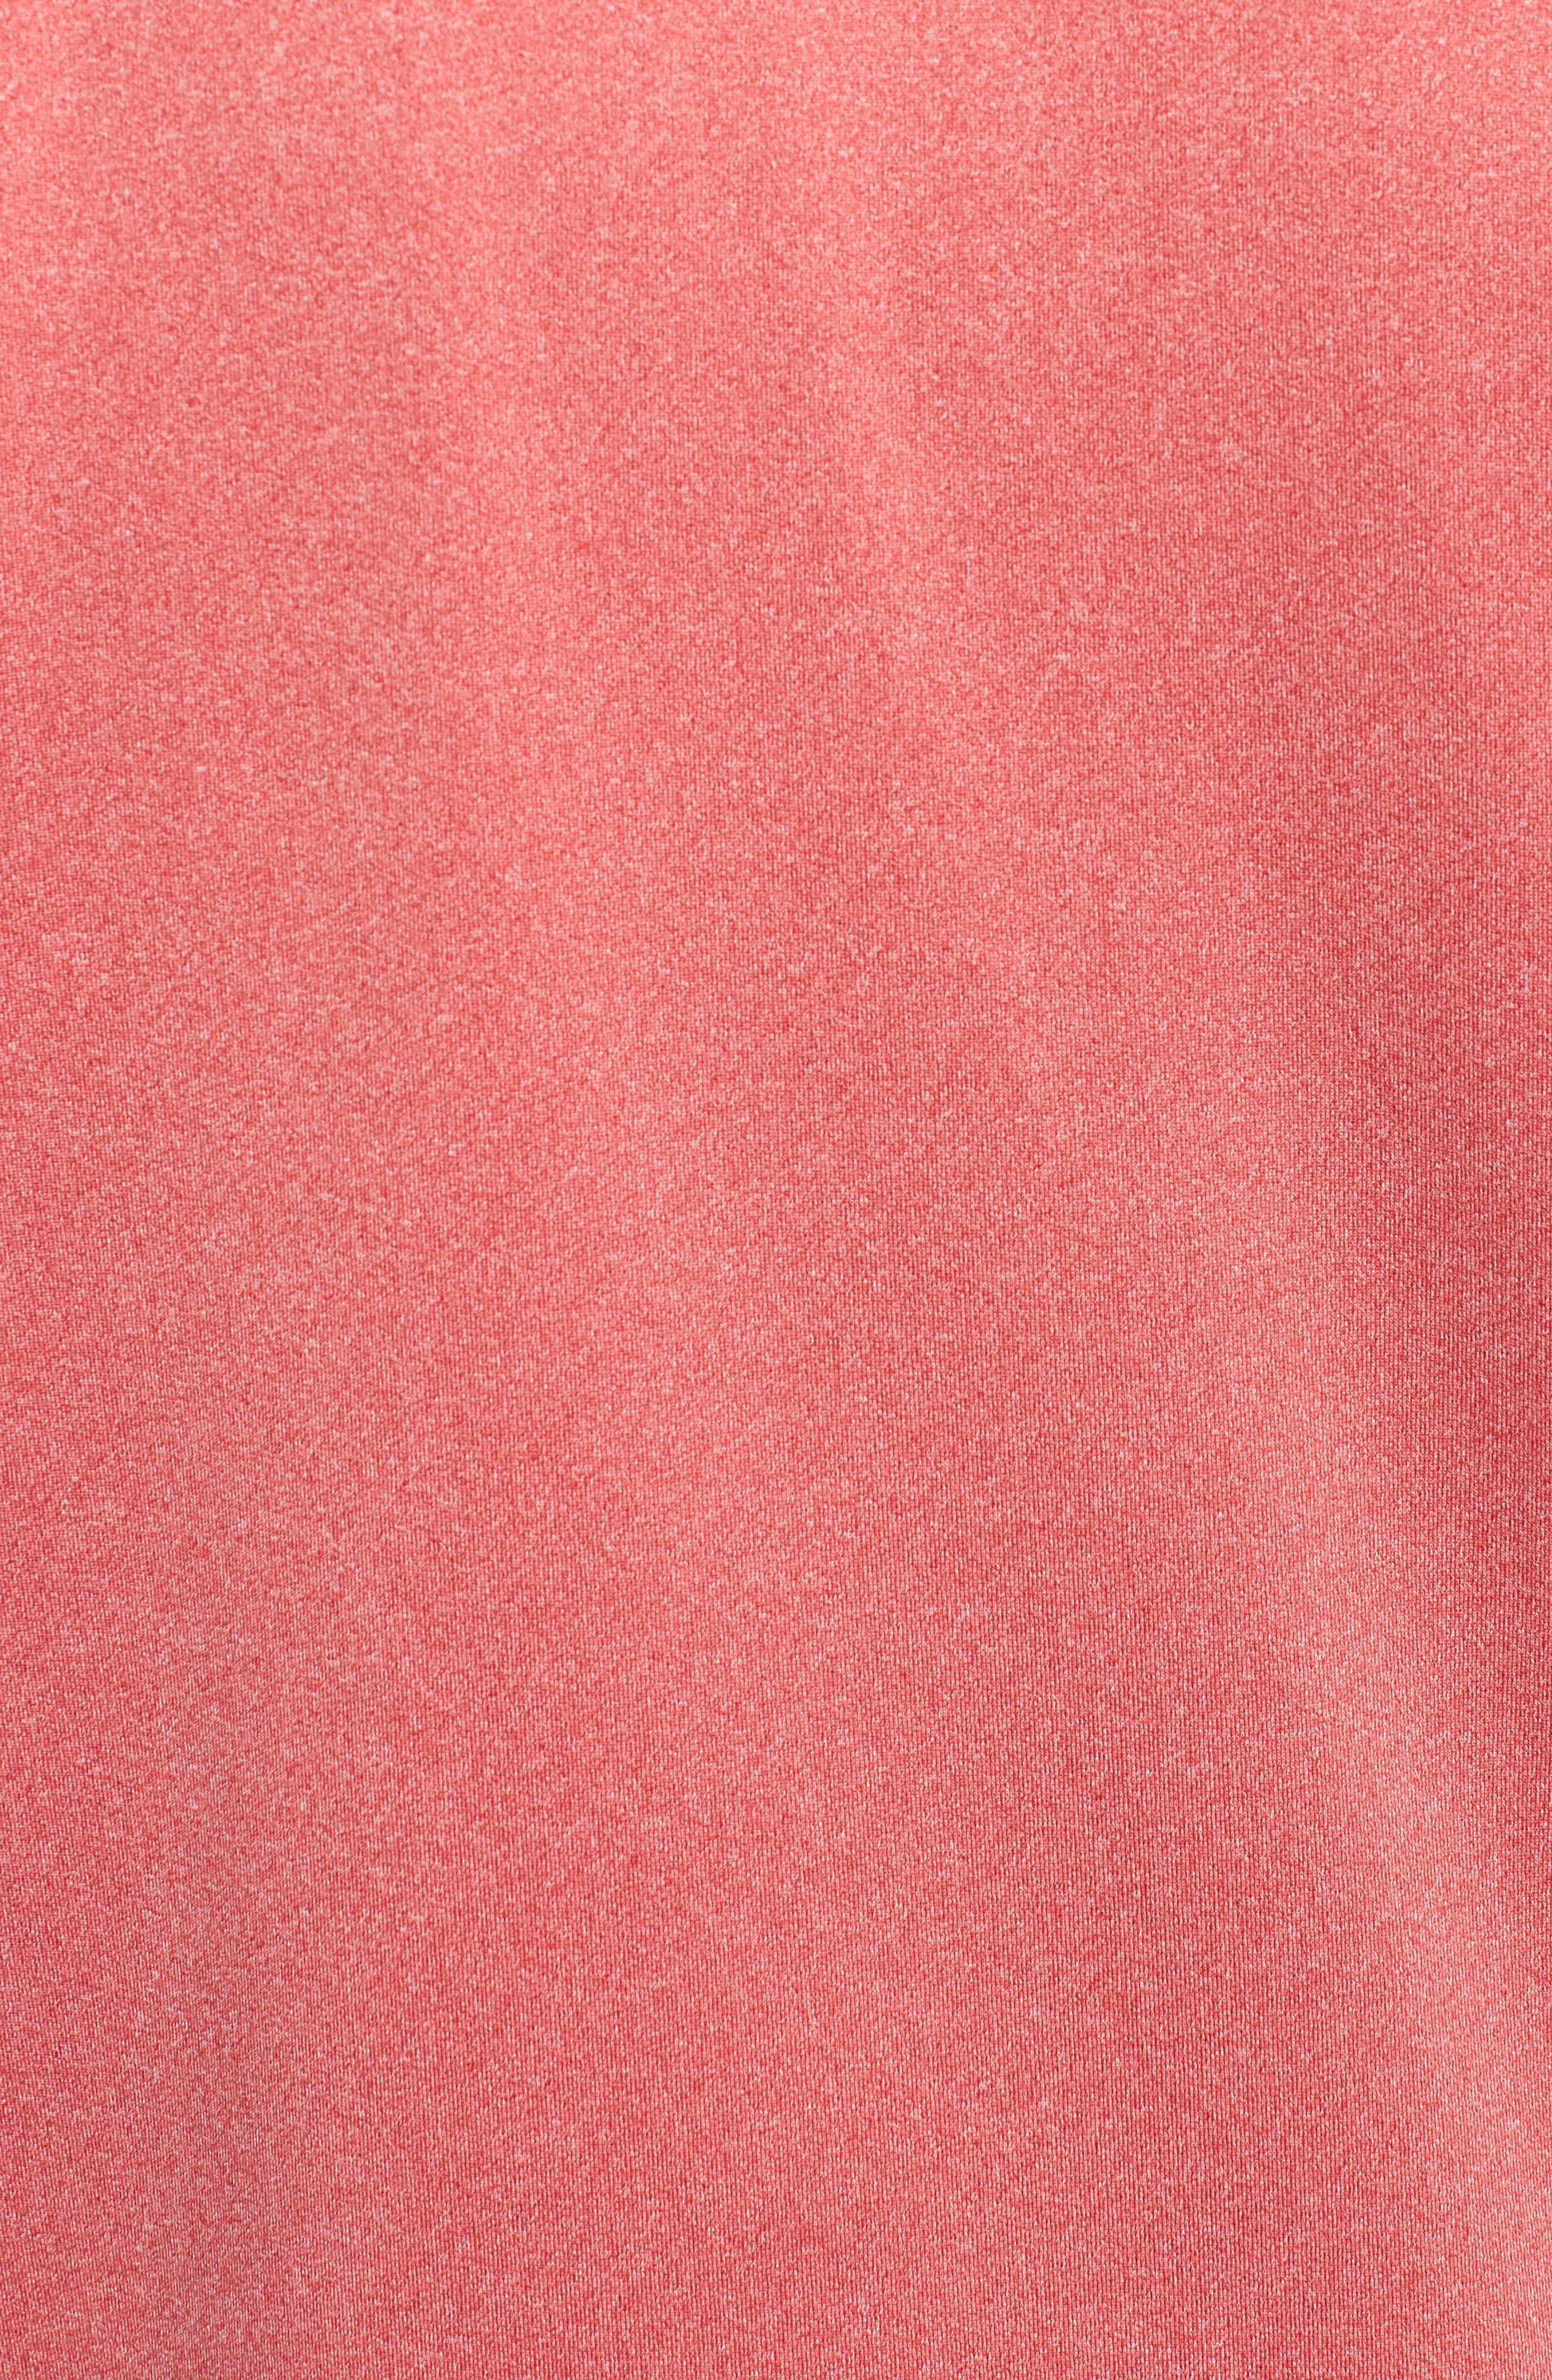 Endurance Arizona Cardinals Regular Fit Pullover,                             Alternate thumbnail 5, color,                             CARDINAL RED HEATHER